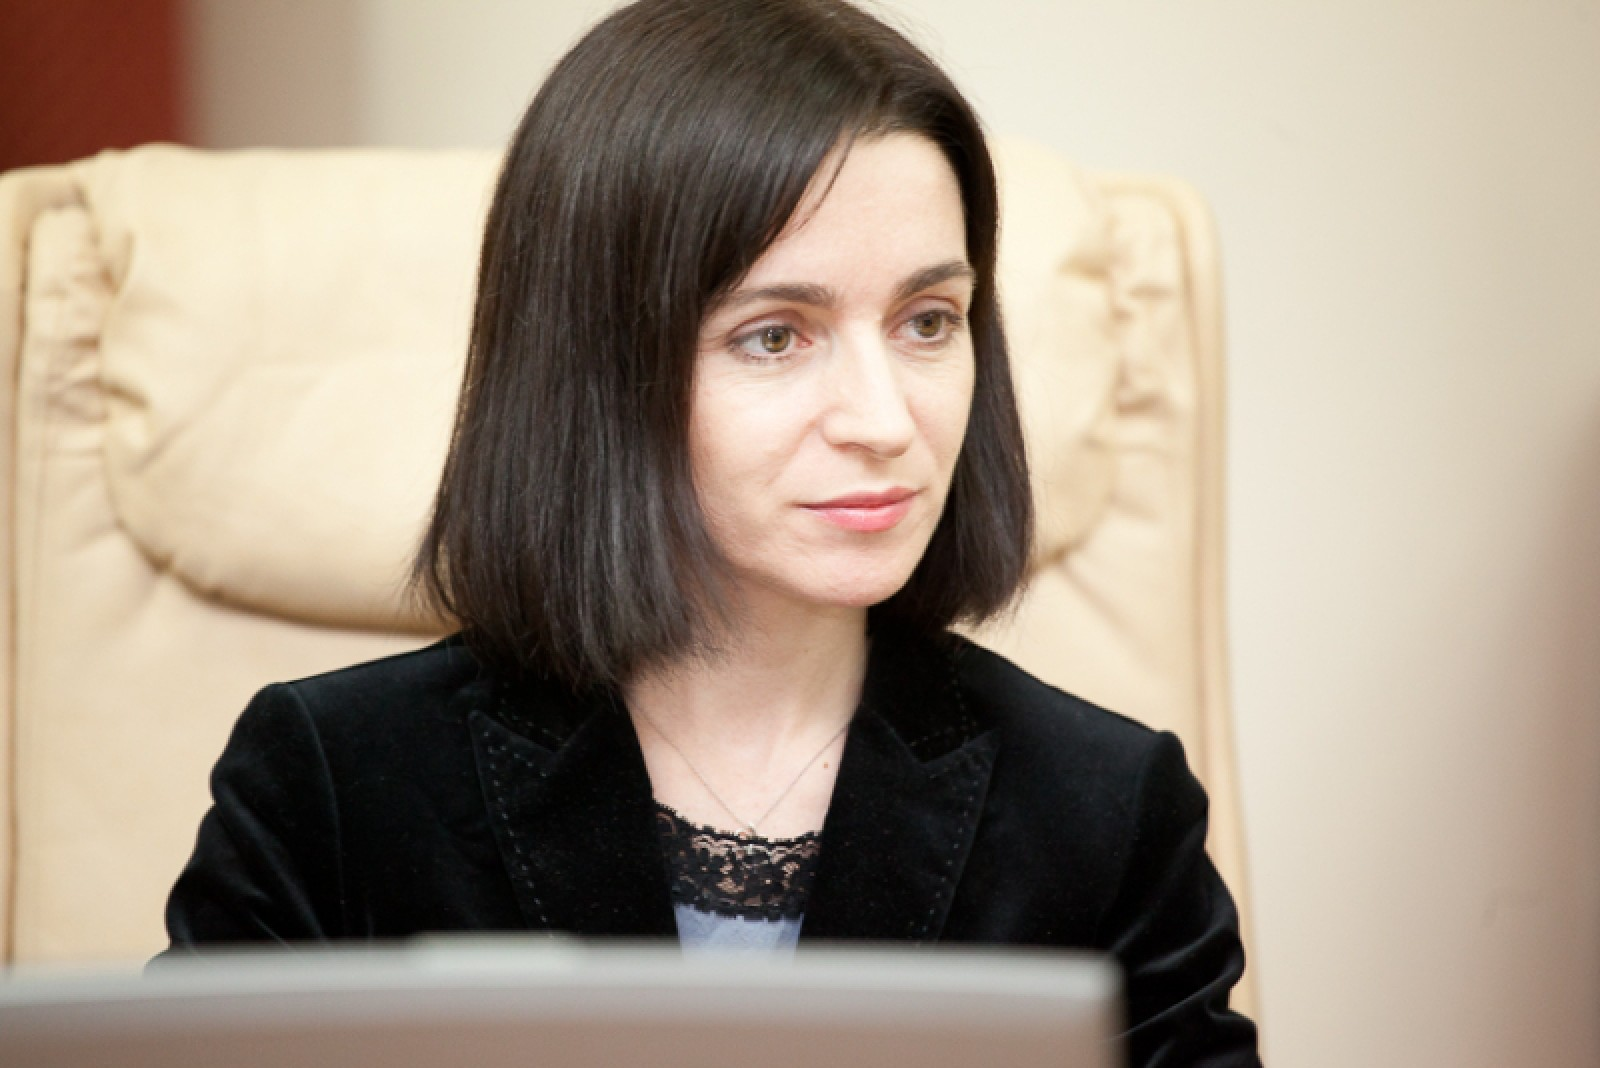 (video) Maia Sandu, despre alegerile locale: Am înregistrat progrese semnificative cu PPPDA și credem că ne este foarte aproape această decizie comună